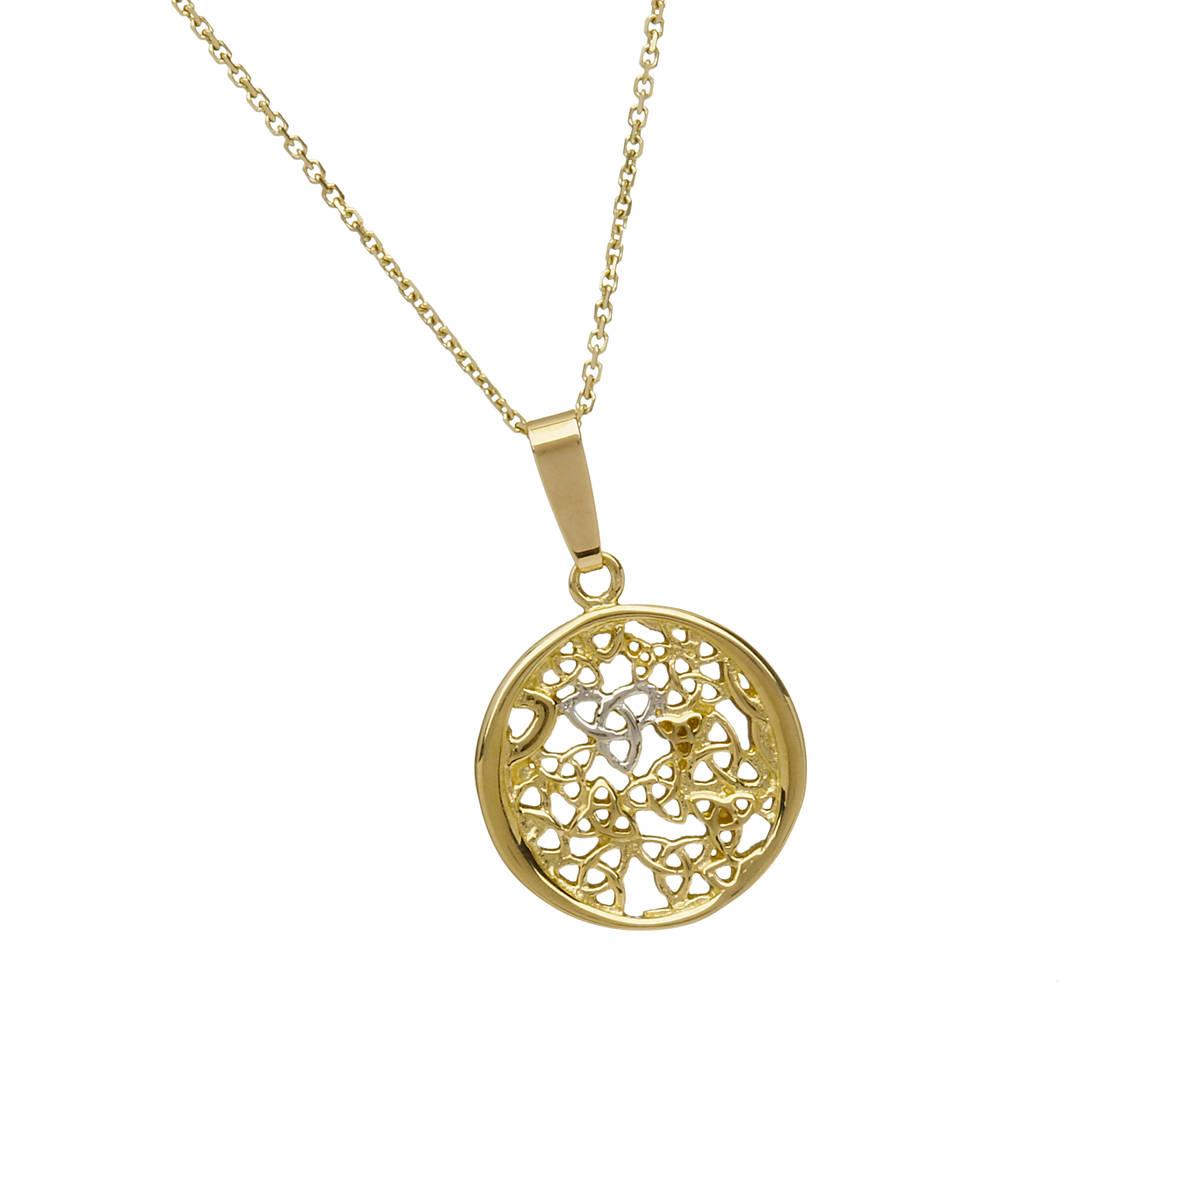 10 carat circular trinity knot pendant